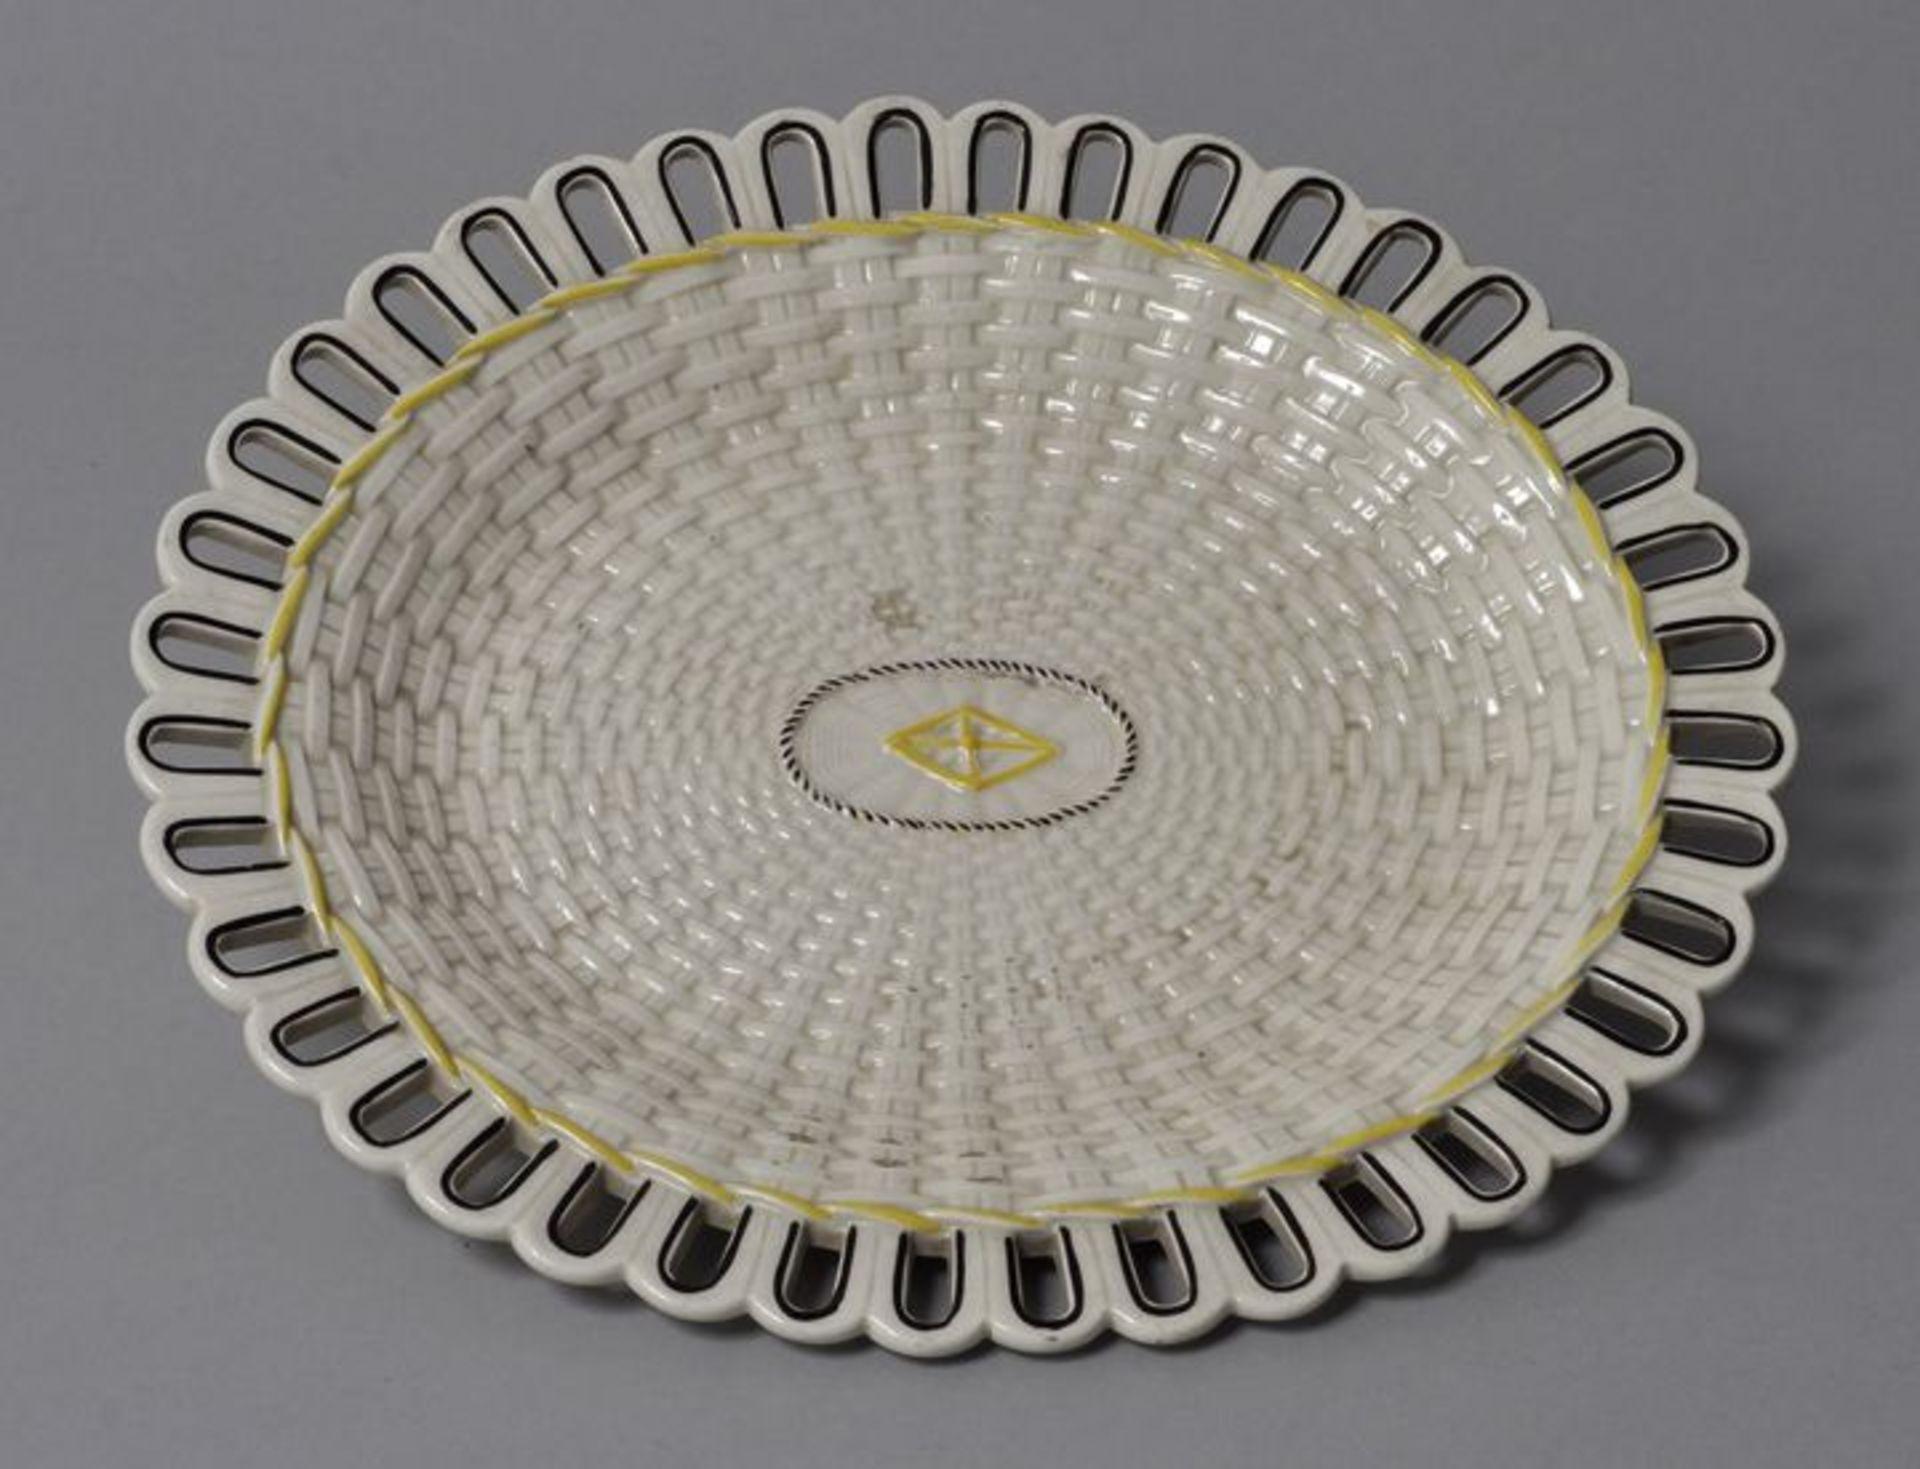 Los 4 - Ovale Platte, wohl Wedgwood, Anf. 19. Jh.Steingut. Flechtwerkdekor, in Schwarz und Gelb...